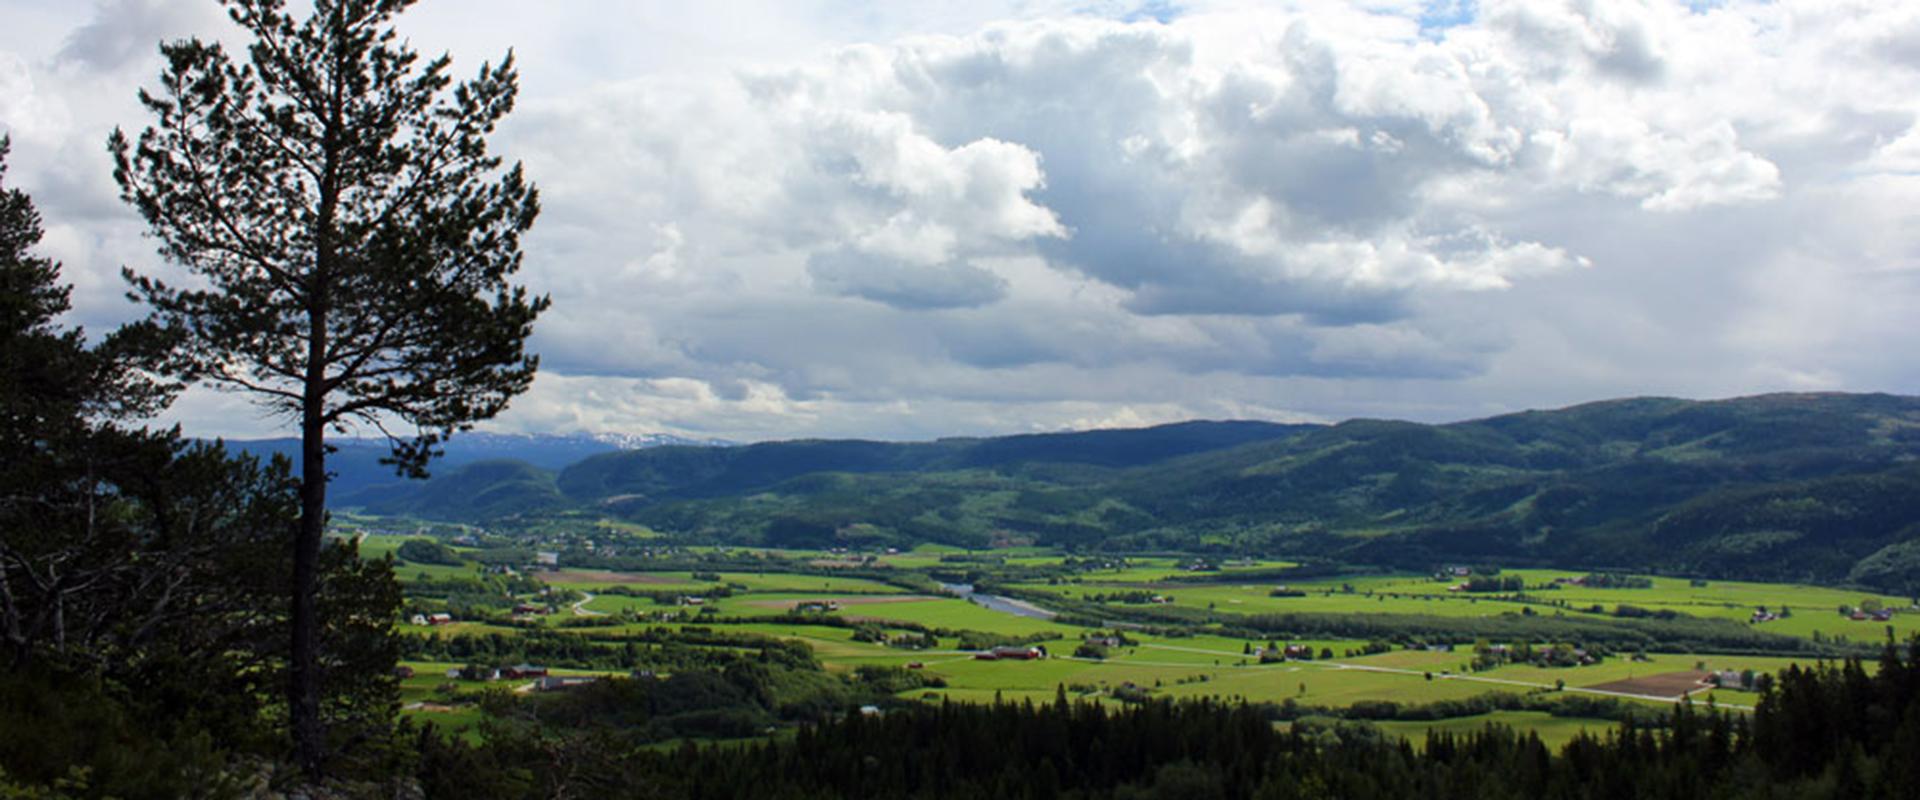 A view of St. Olavsleden